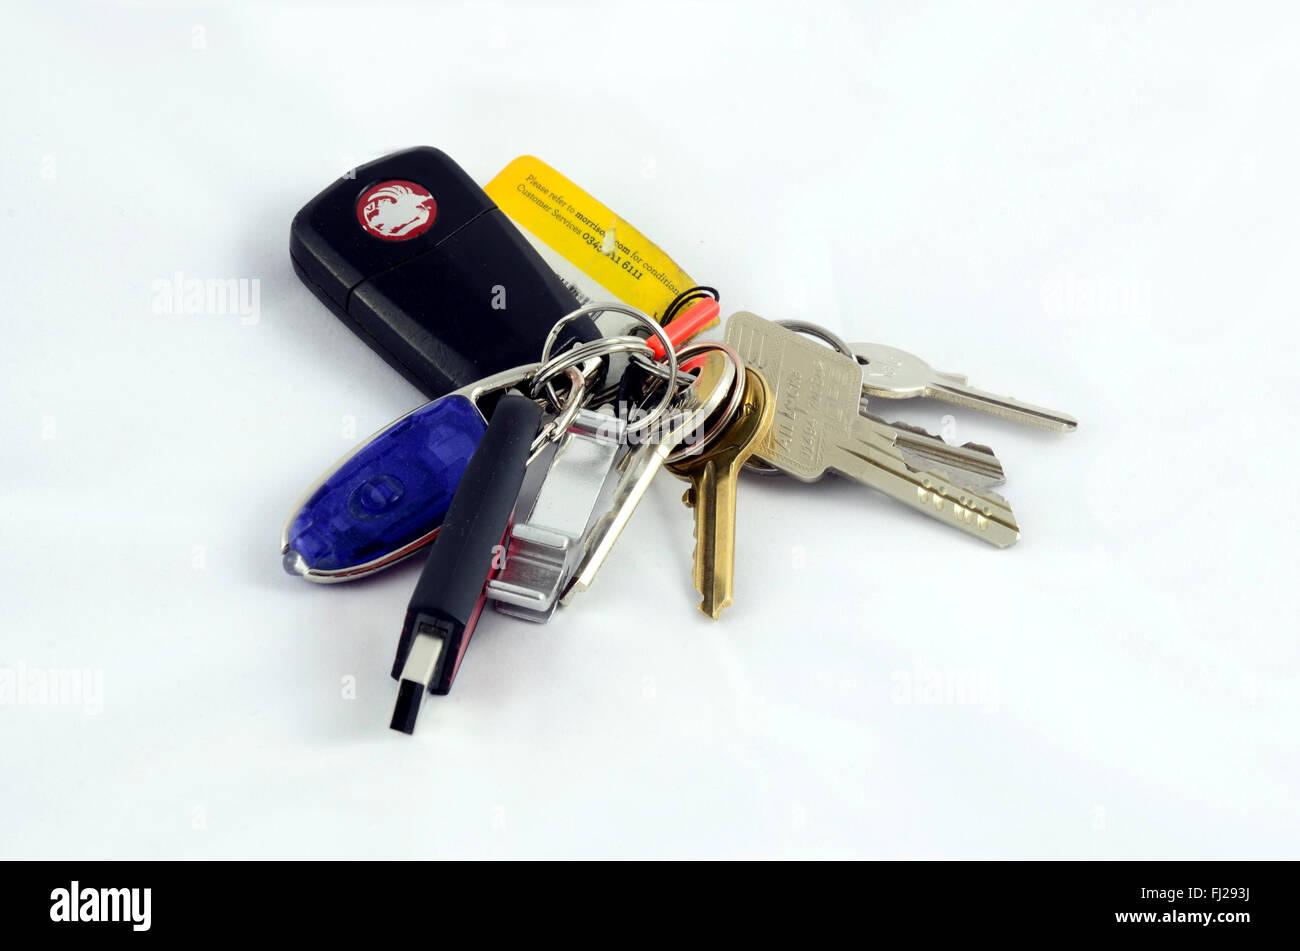 Un portachiavi con tasti, una torcia,un apribottiglie, una chiavetta USB e un negozio della carta fedeltà attaccato. Immagini Stock